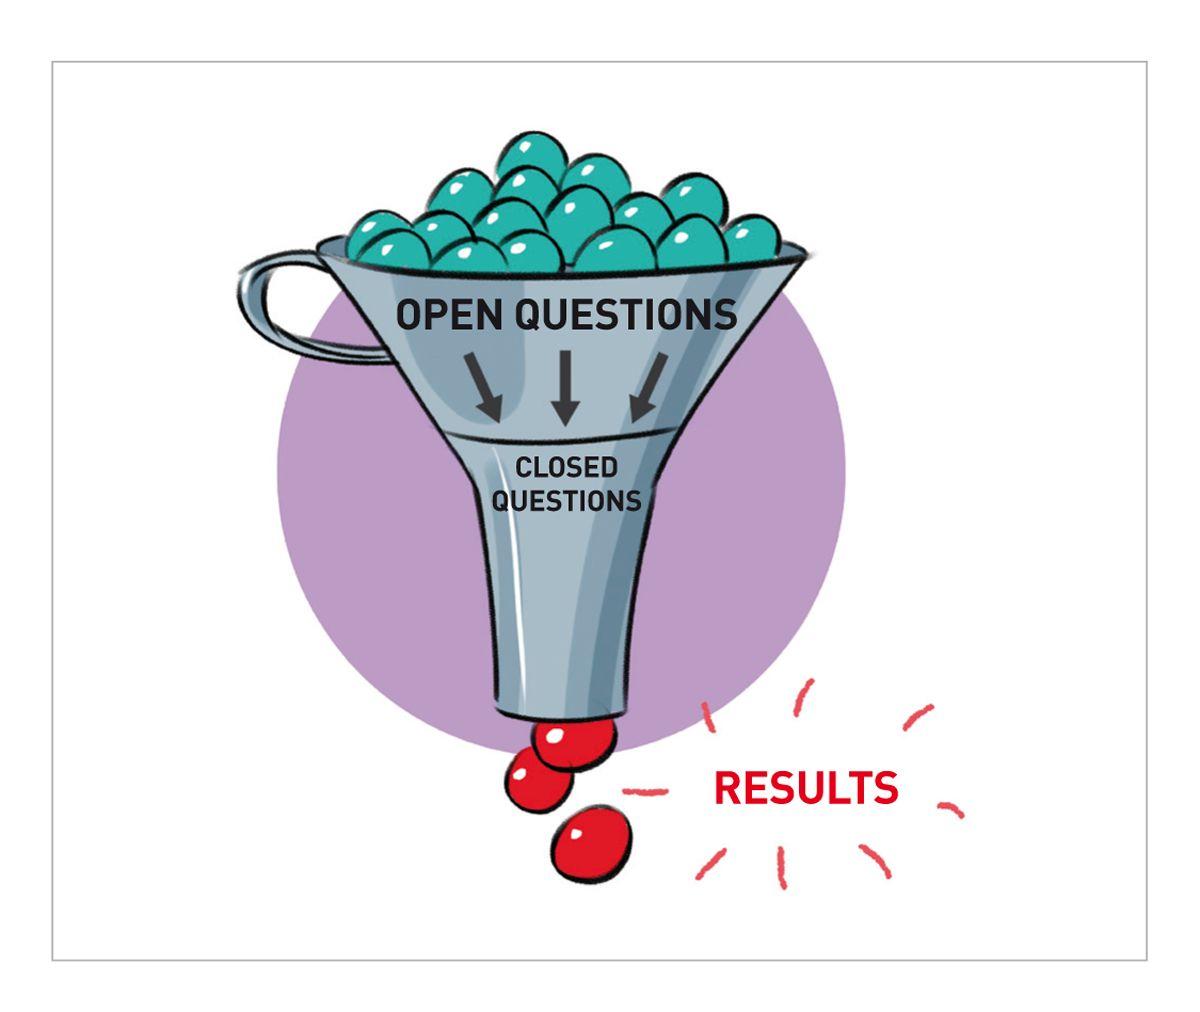 Perguntas abertas são projetadas para apresentar uma área de investigação sem moldar o conteúdo. As perguntas fechadas são aquelas para as quais se deseja uma resposta específica e, muitas vezes, uma única palavra, como sim ou não (2).